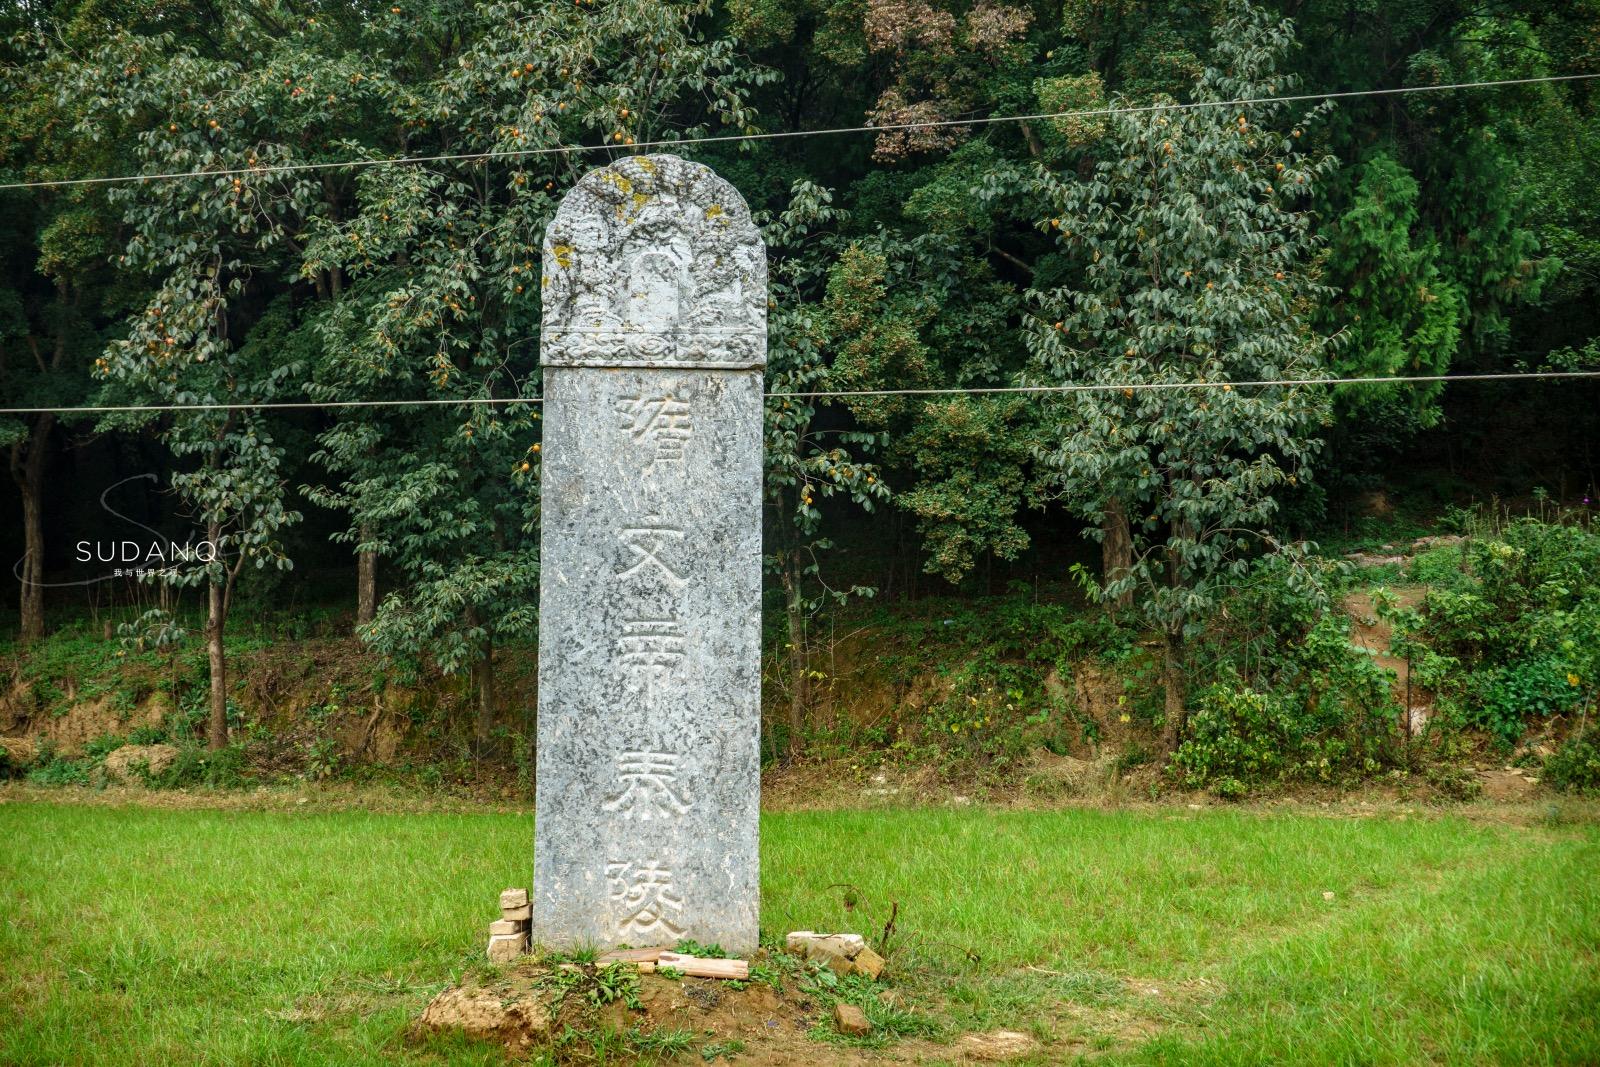 隋朝开国皇帝死后葬哪儿了?千年陵园鲜为人知,如今剩下大土堆